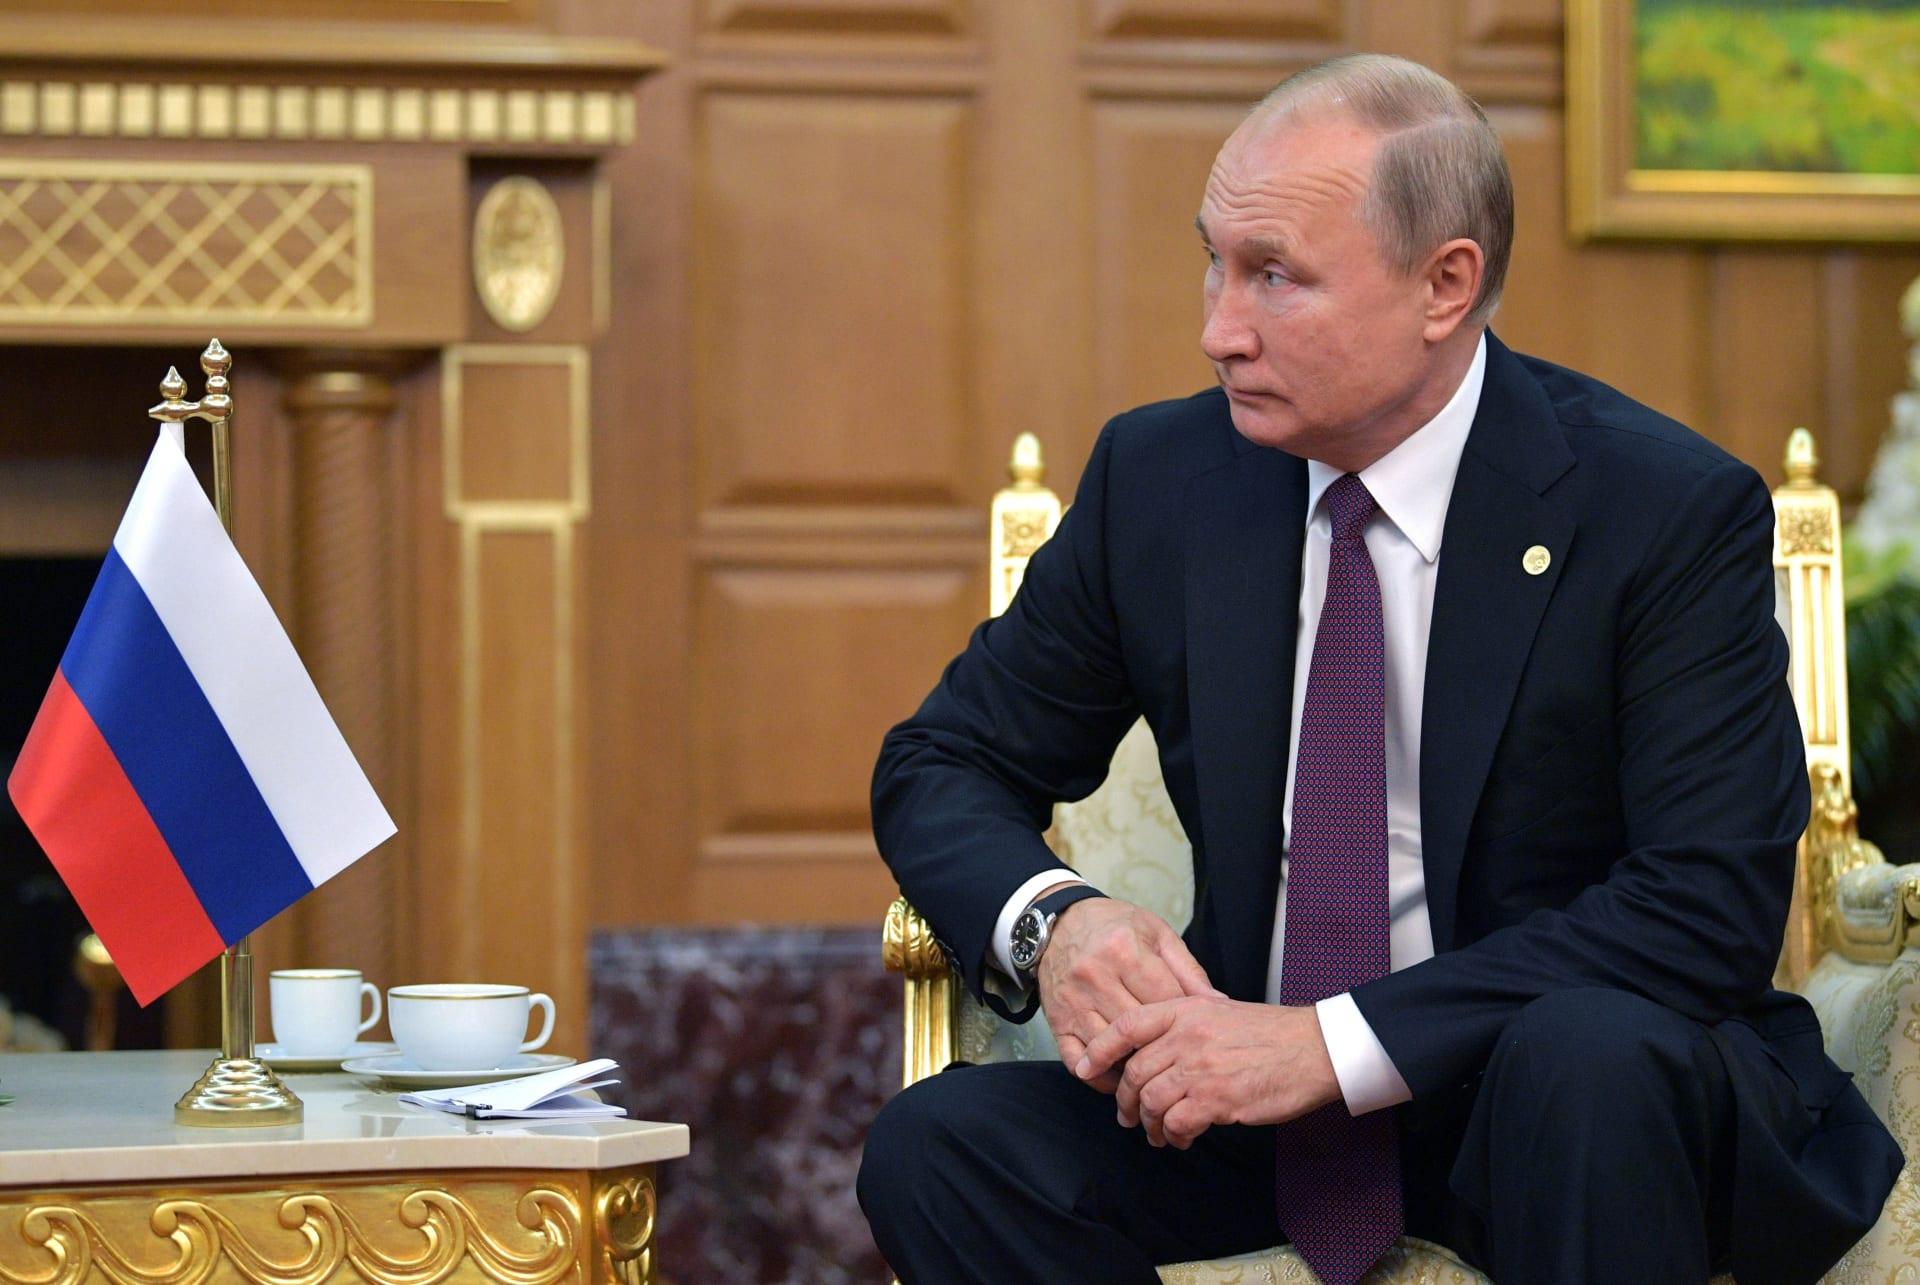 الرئيس الروسي بوتين يصل الرياض في زيارة هي الأولى منذ 12 عامًا